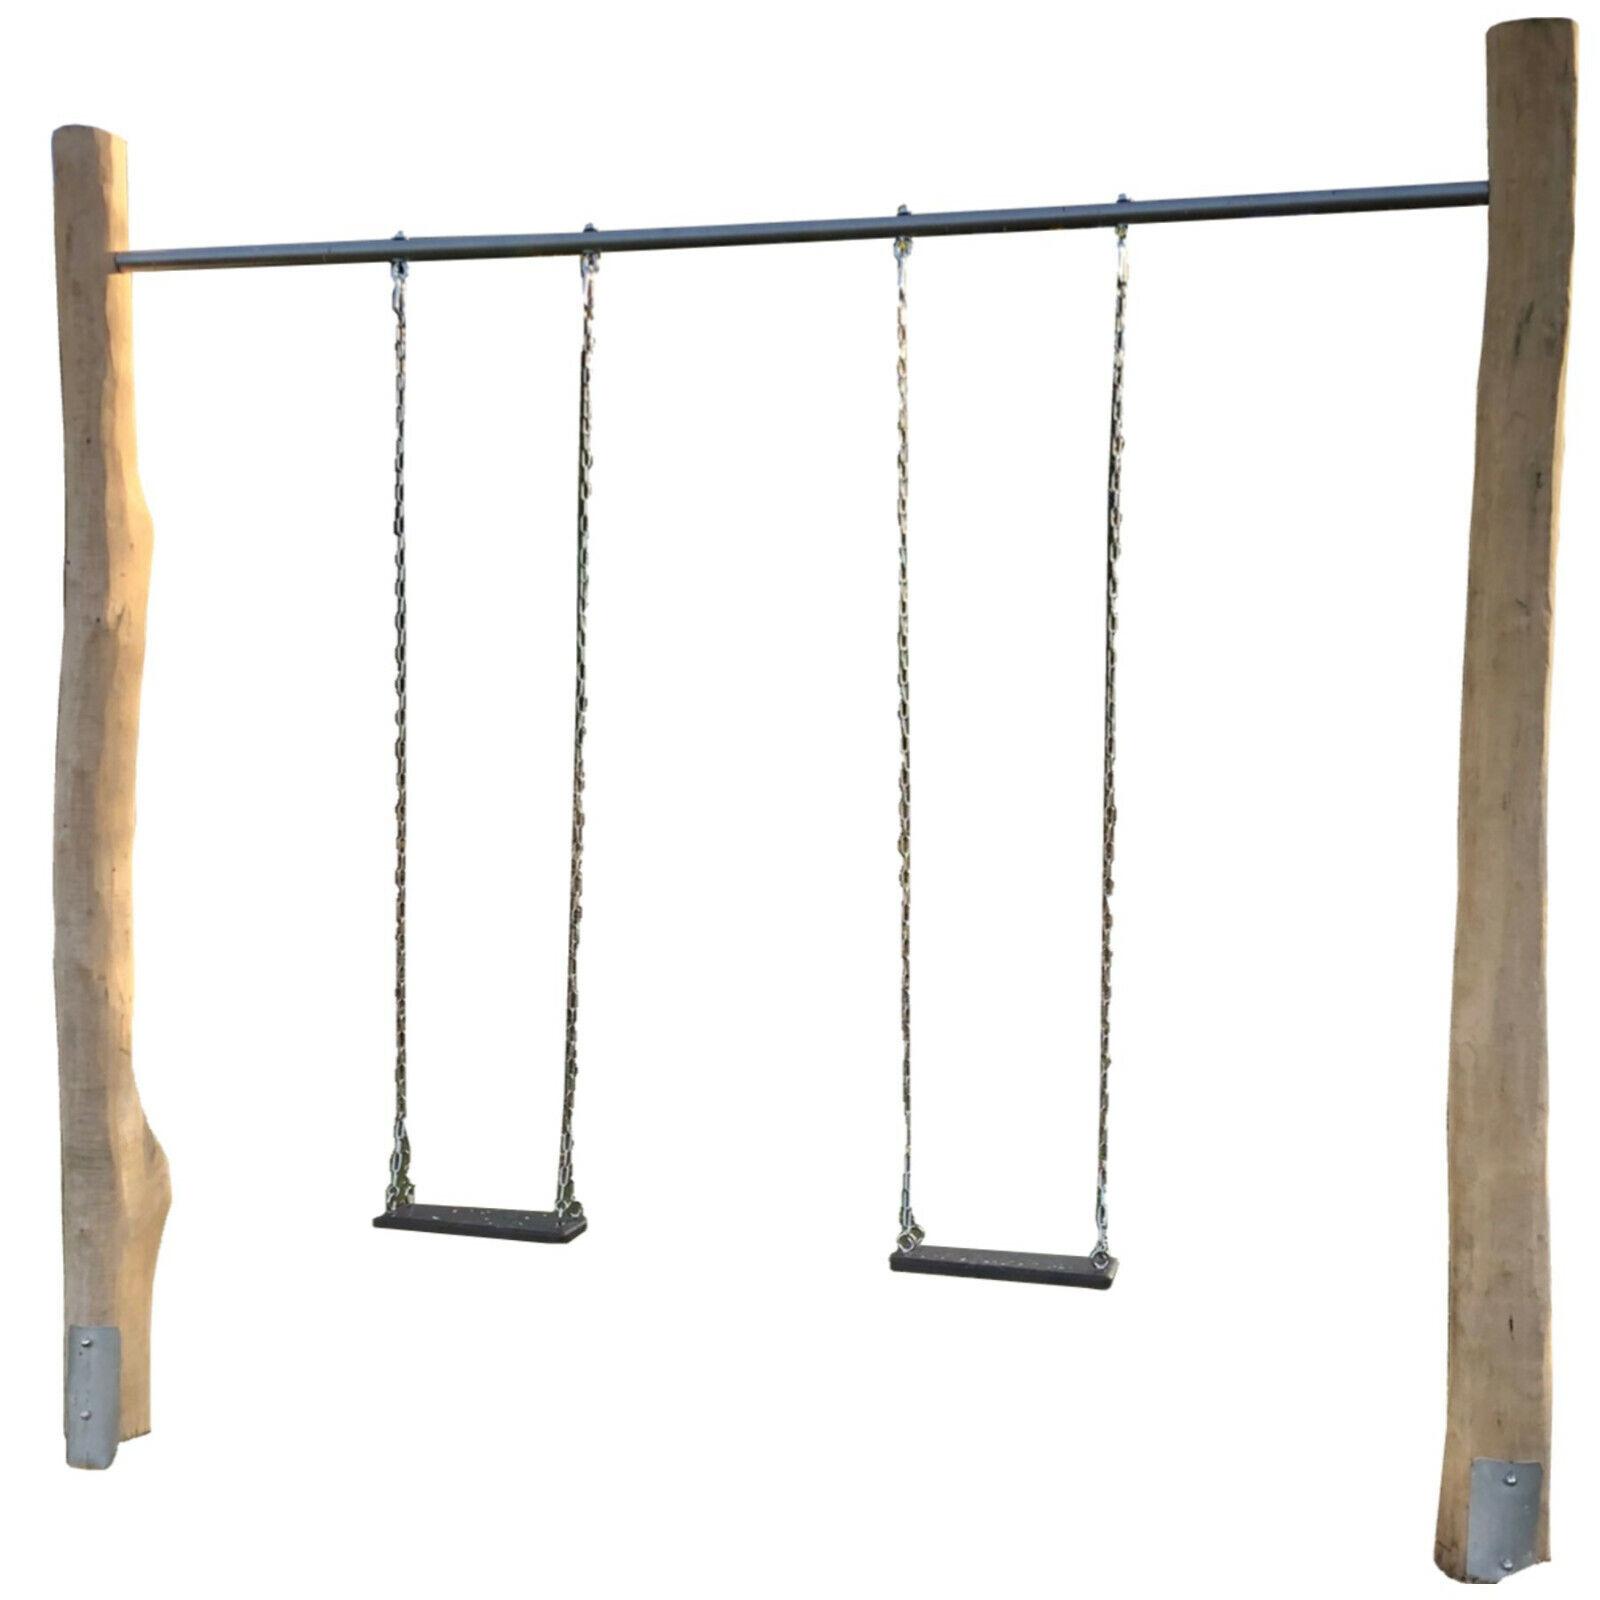 Schaukelstange Stahlrohr für Doppelschaukel Kinderschaukel Schaukelgestell